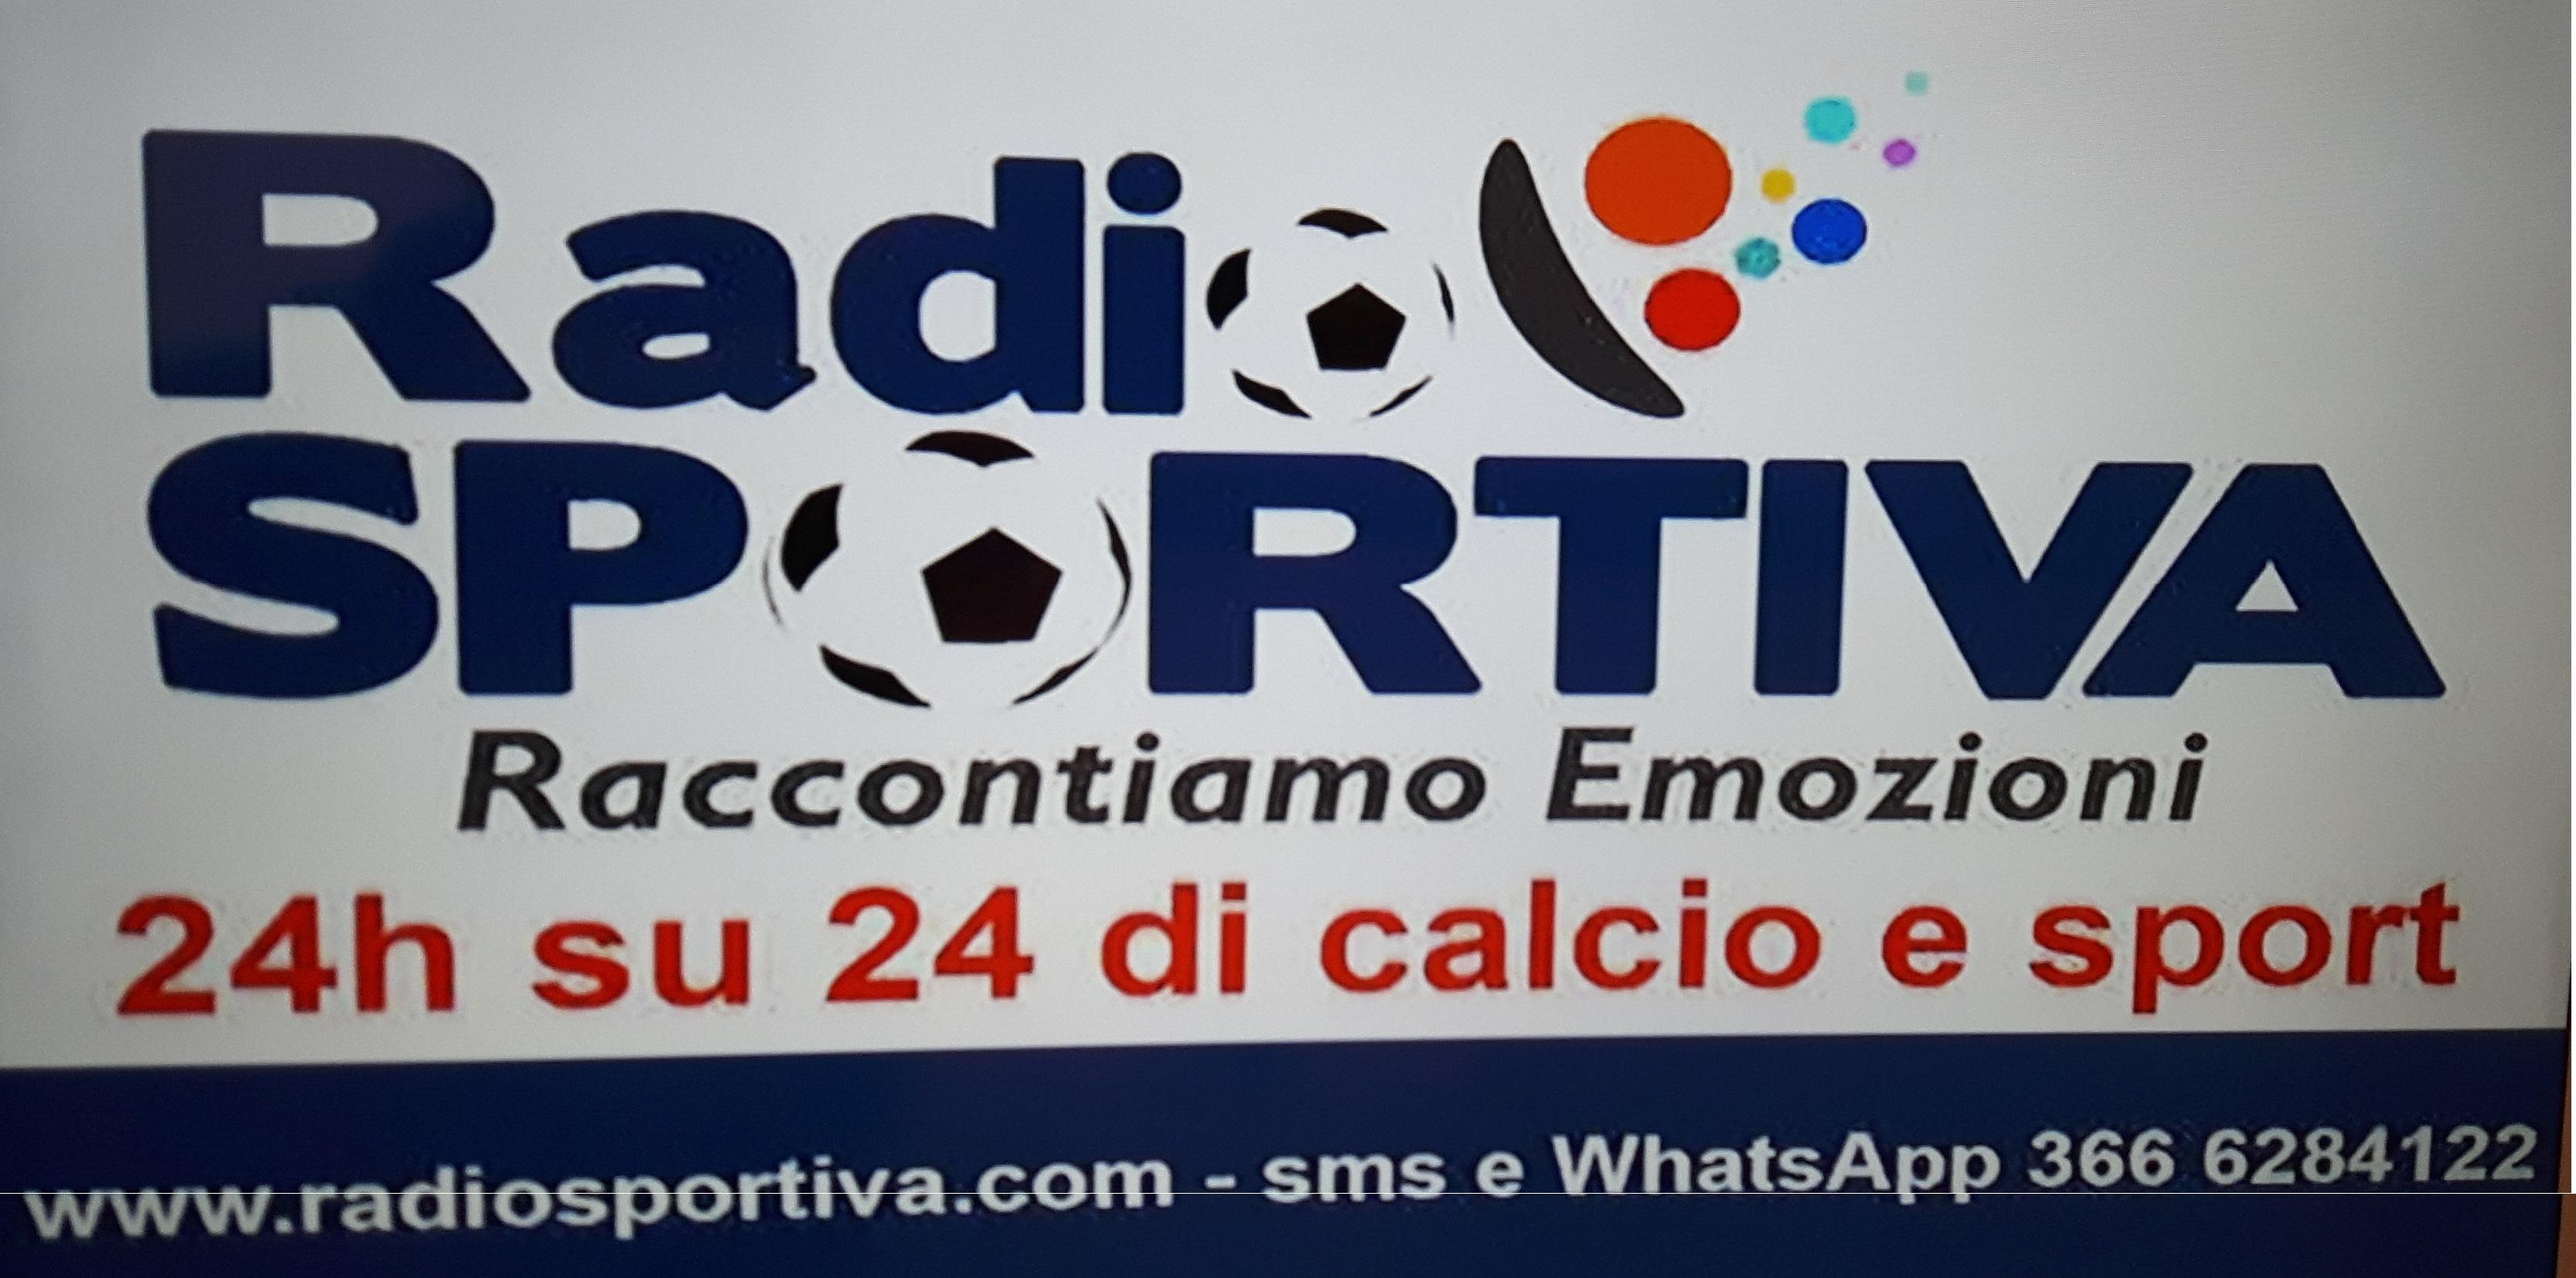 Radio Sportiva Audiografica DTT - Radio 4.0. L'ibridizzazione di piattaforme continua: Radio 1 RAI in Radiovisione da lunedì 18/09